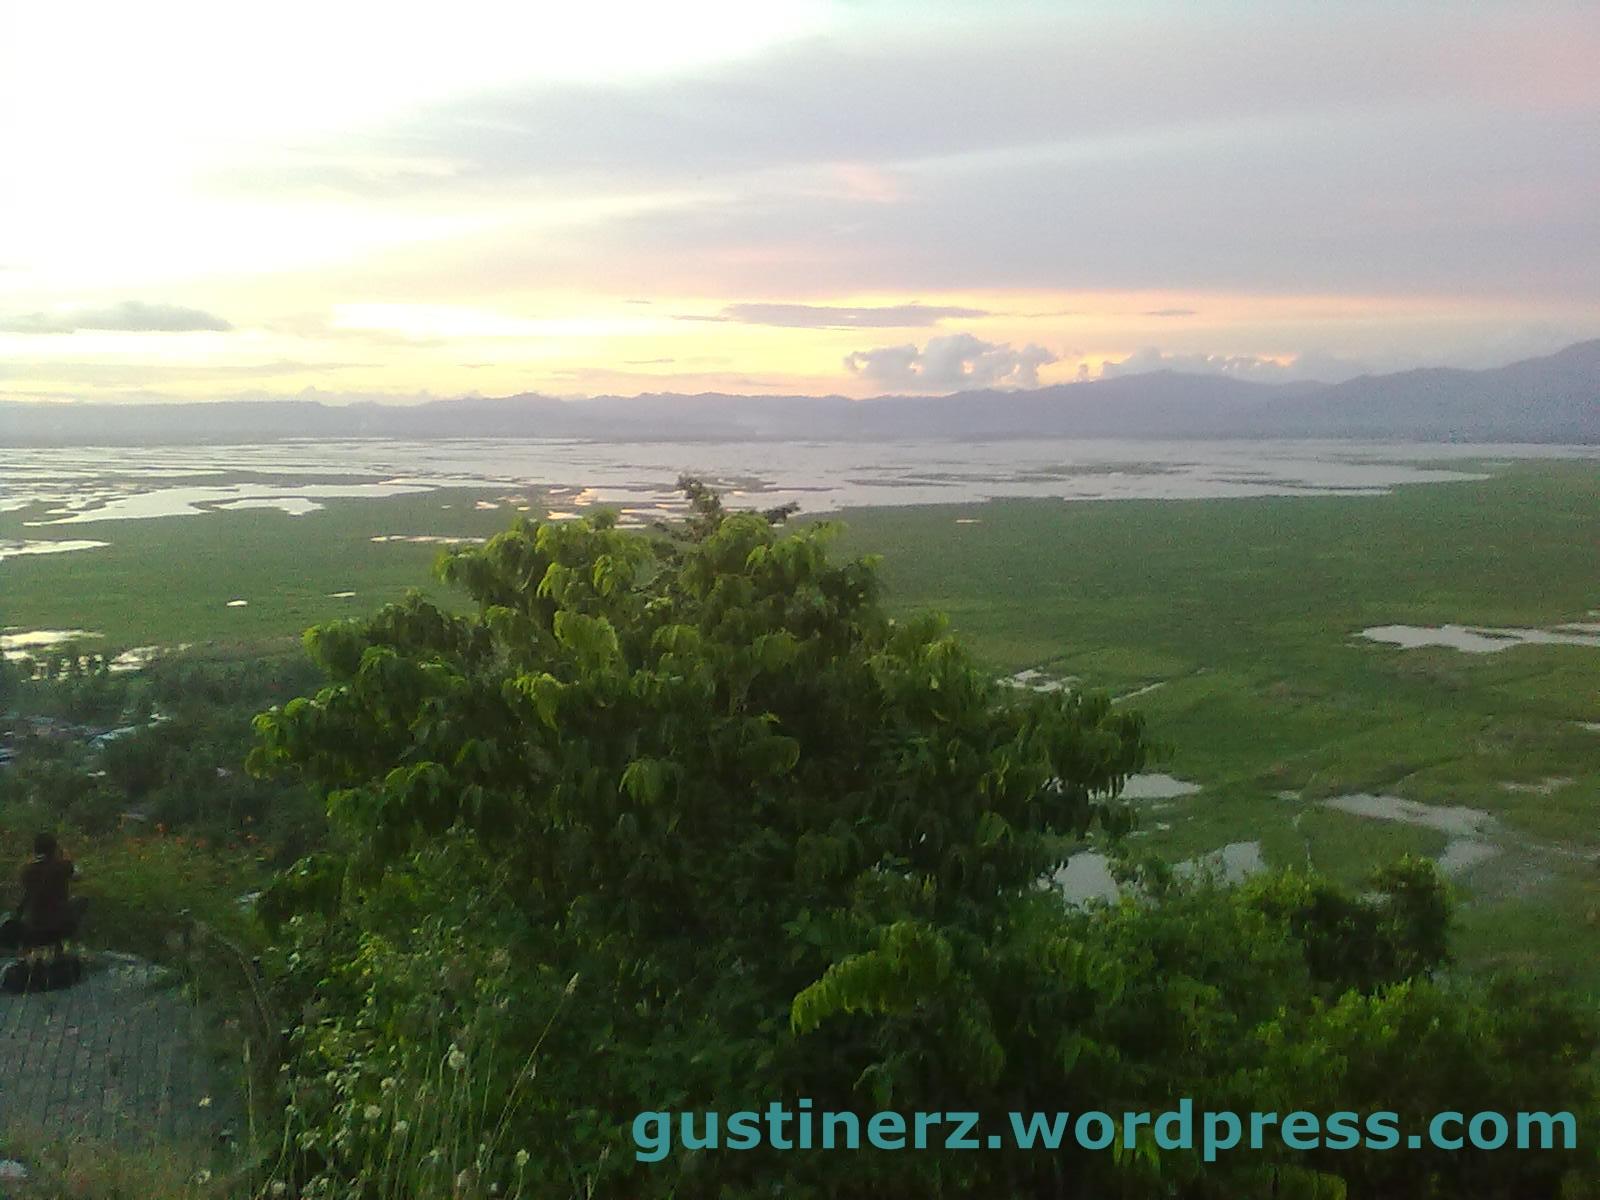 Menikmati Keindahan Danau Limboto Pegunungan Benteng Gustinerz Otanaha Kab Gorontalo